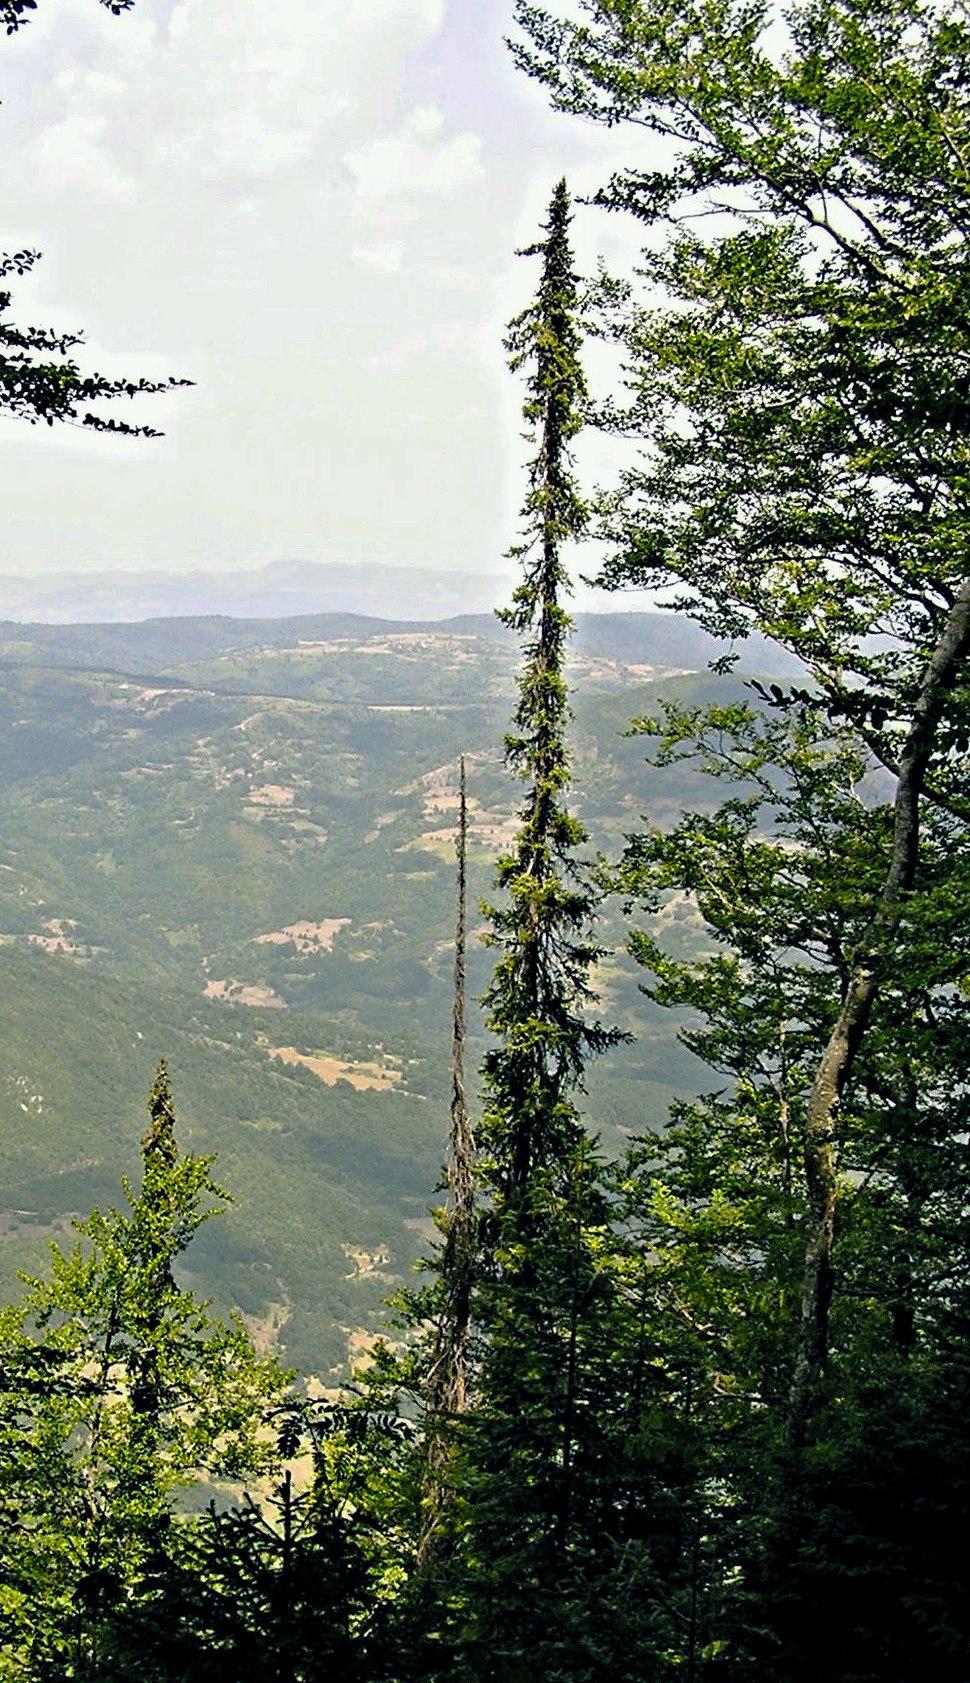 Nacionalni park Tara; Pančićeva omorika na Bilješkoj steni